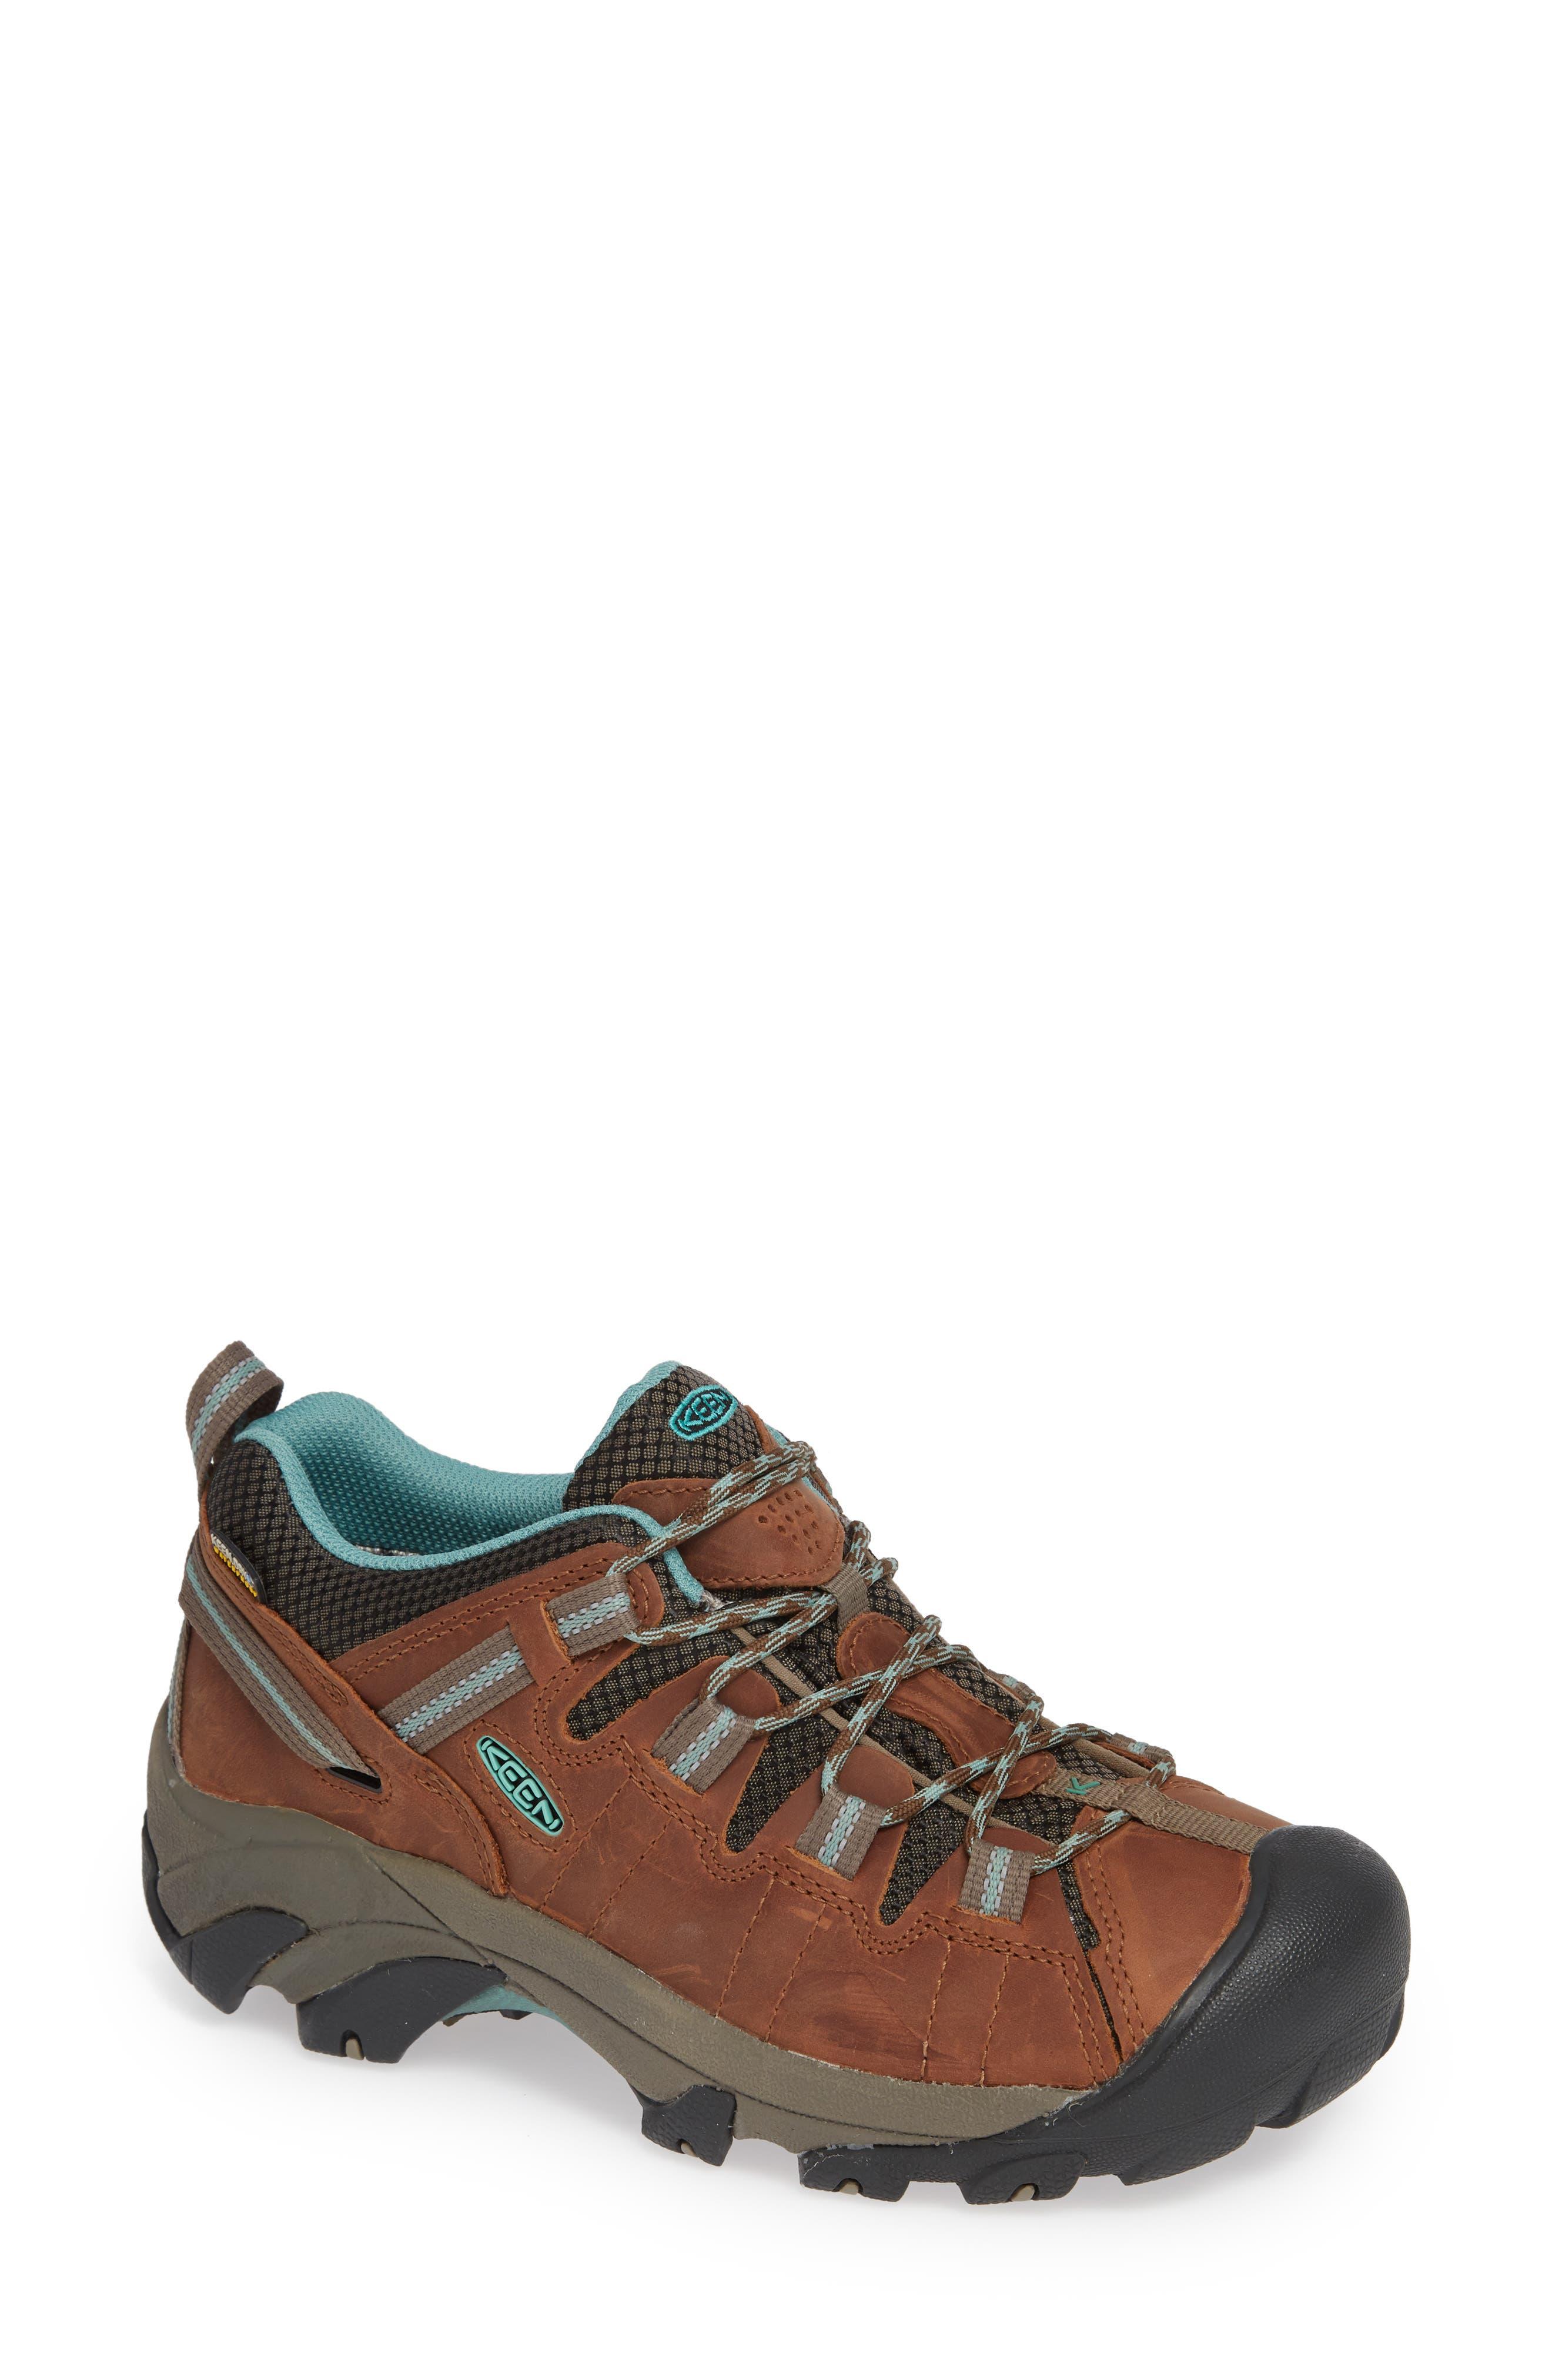 KEEN 'Targhee II' Walking Shoe, Main, color, DARK EARTH/ WASABI NUBUCK